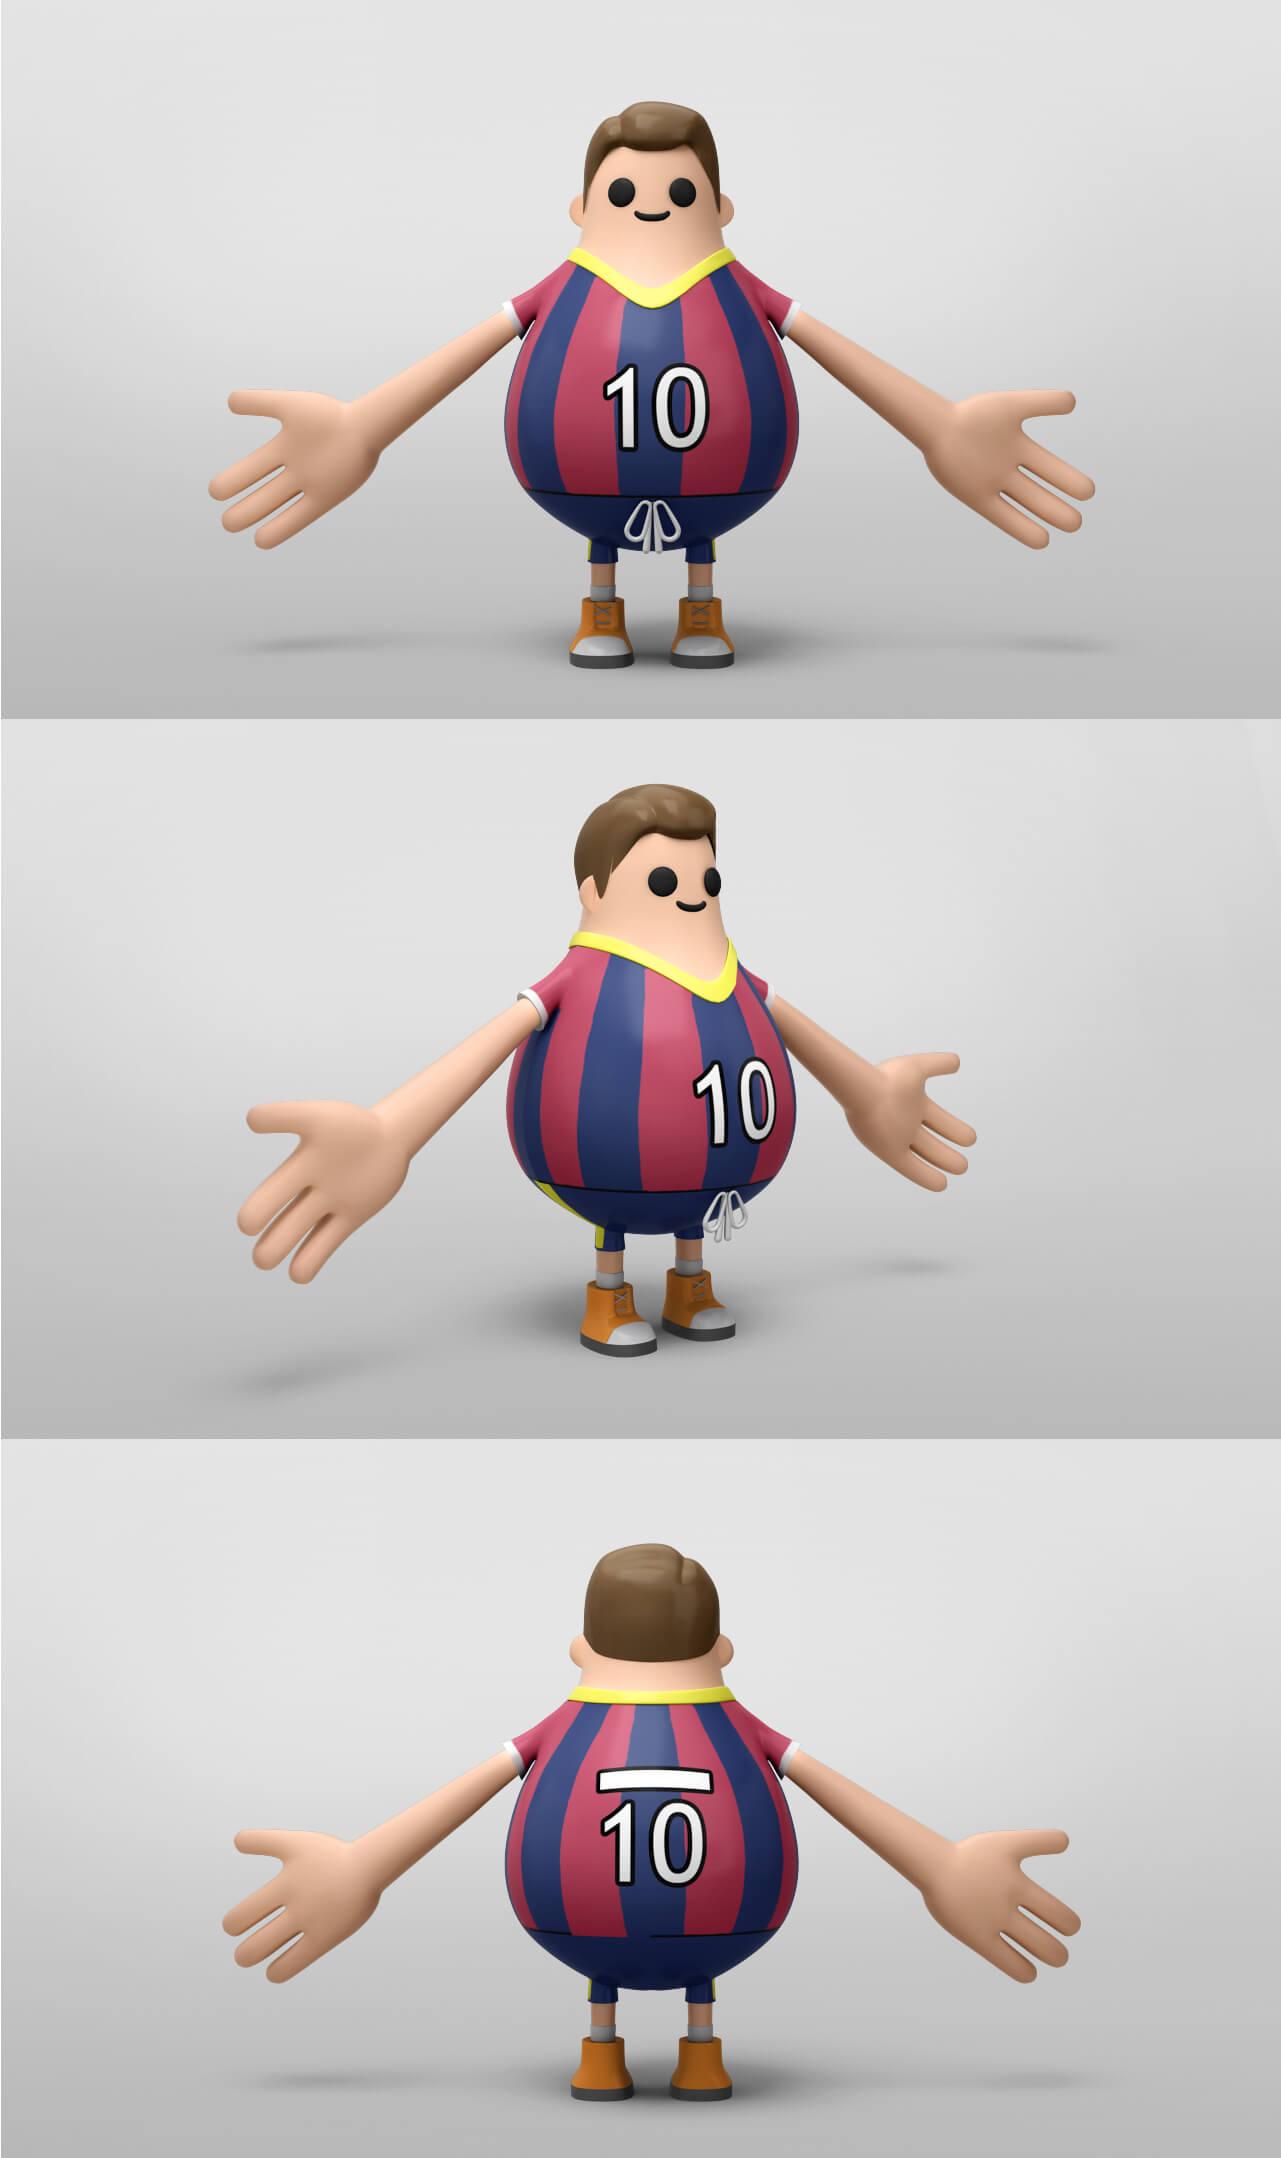 梅西 Messi